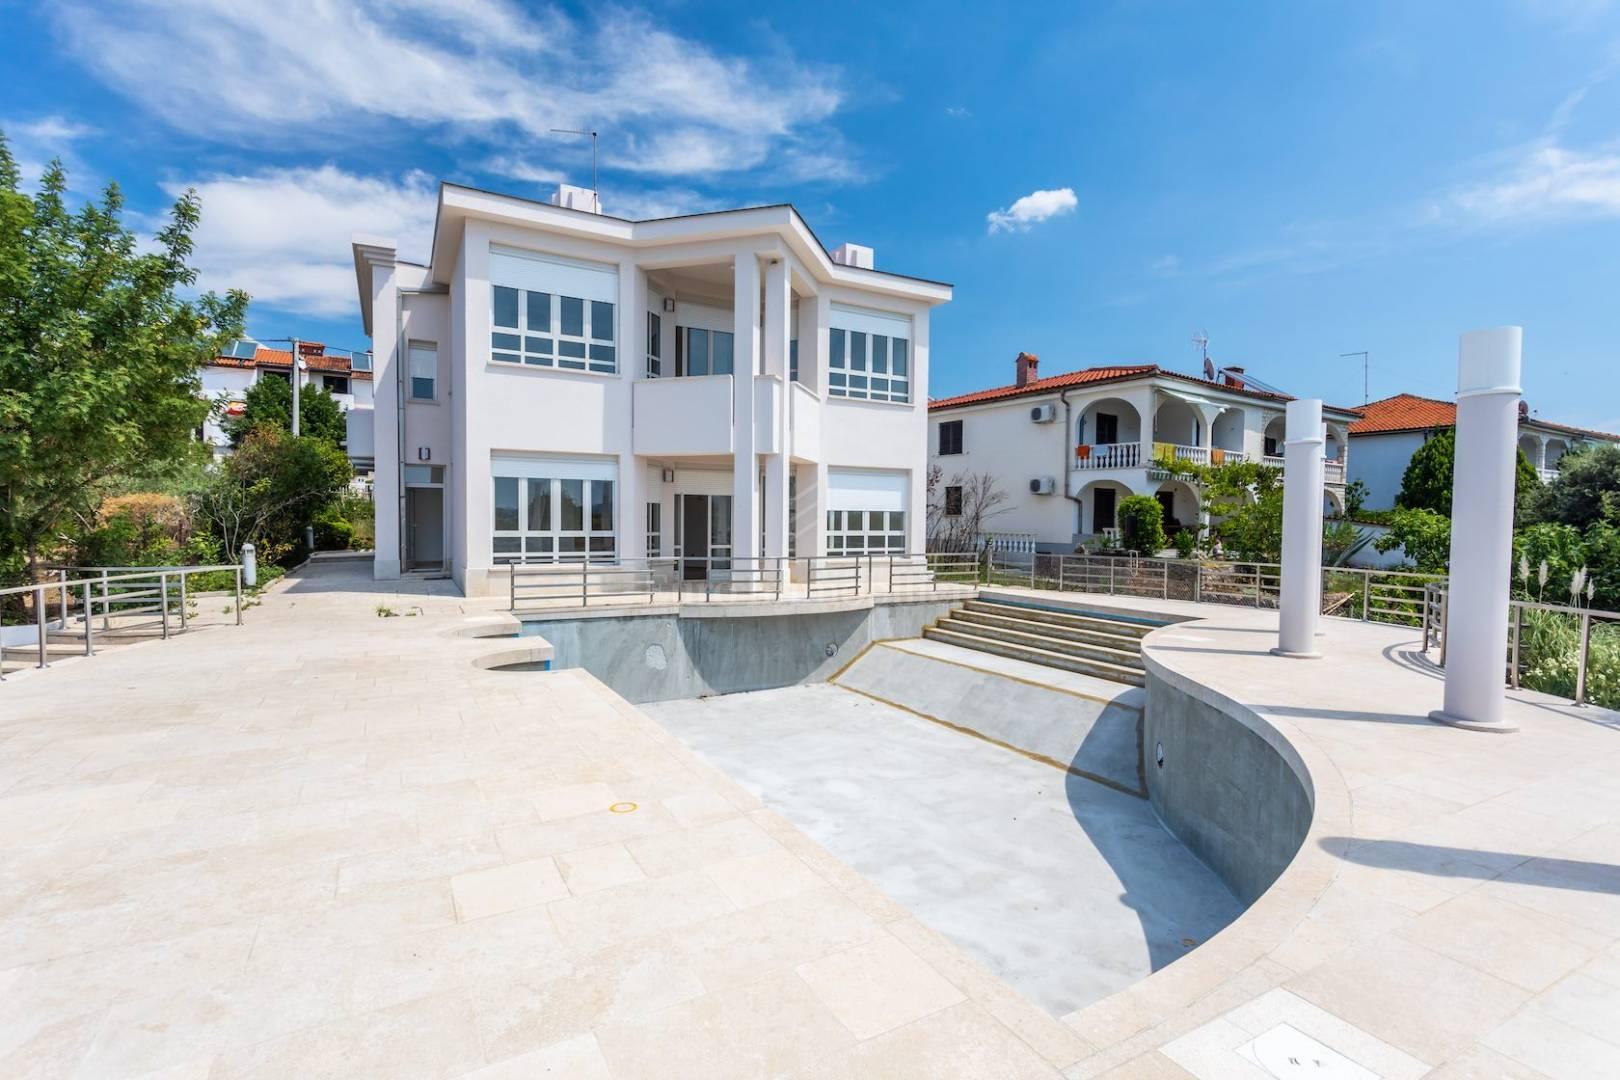 Villa in der Nähe von Krk! Rarität im Angebot!